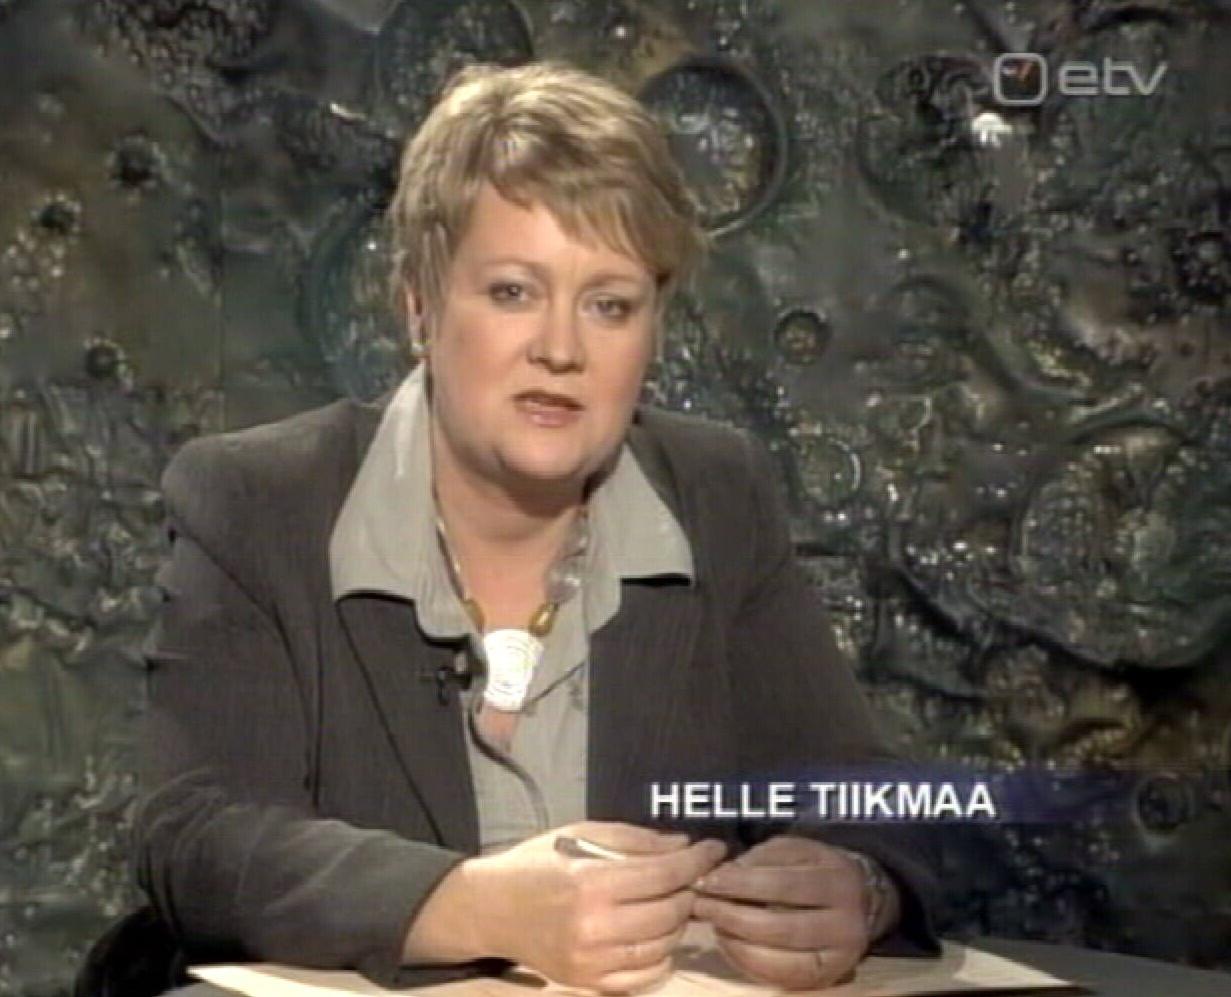 11. mai 2009 jäi Helle Tiikmaa viimaseks välisilma saateks Eesti Reformierakonna Ringhäälingu ekraanil.